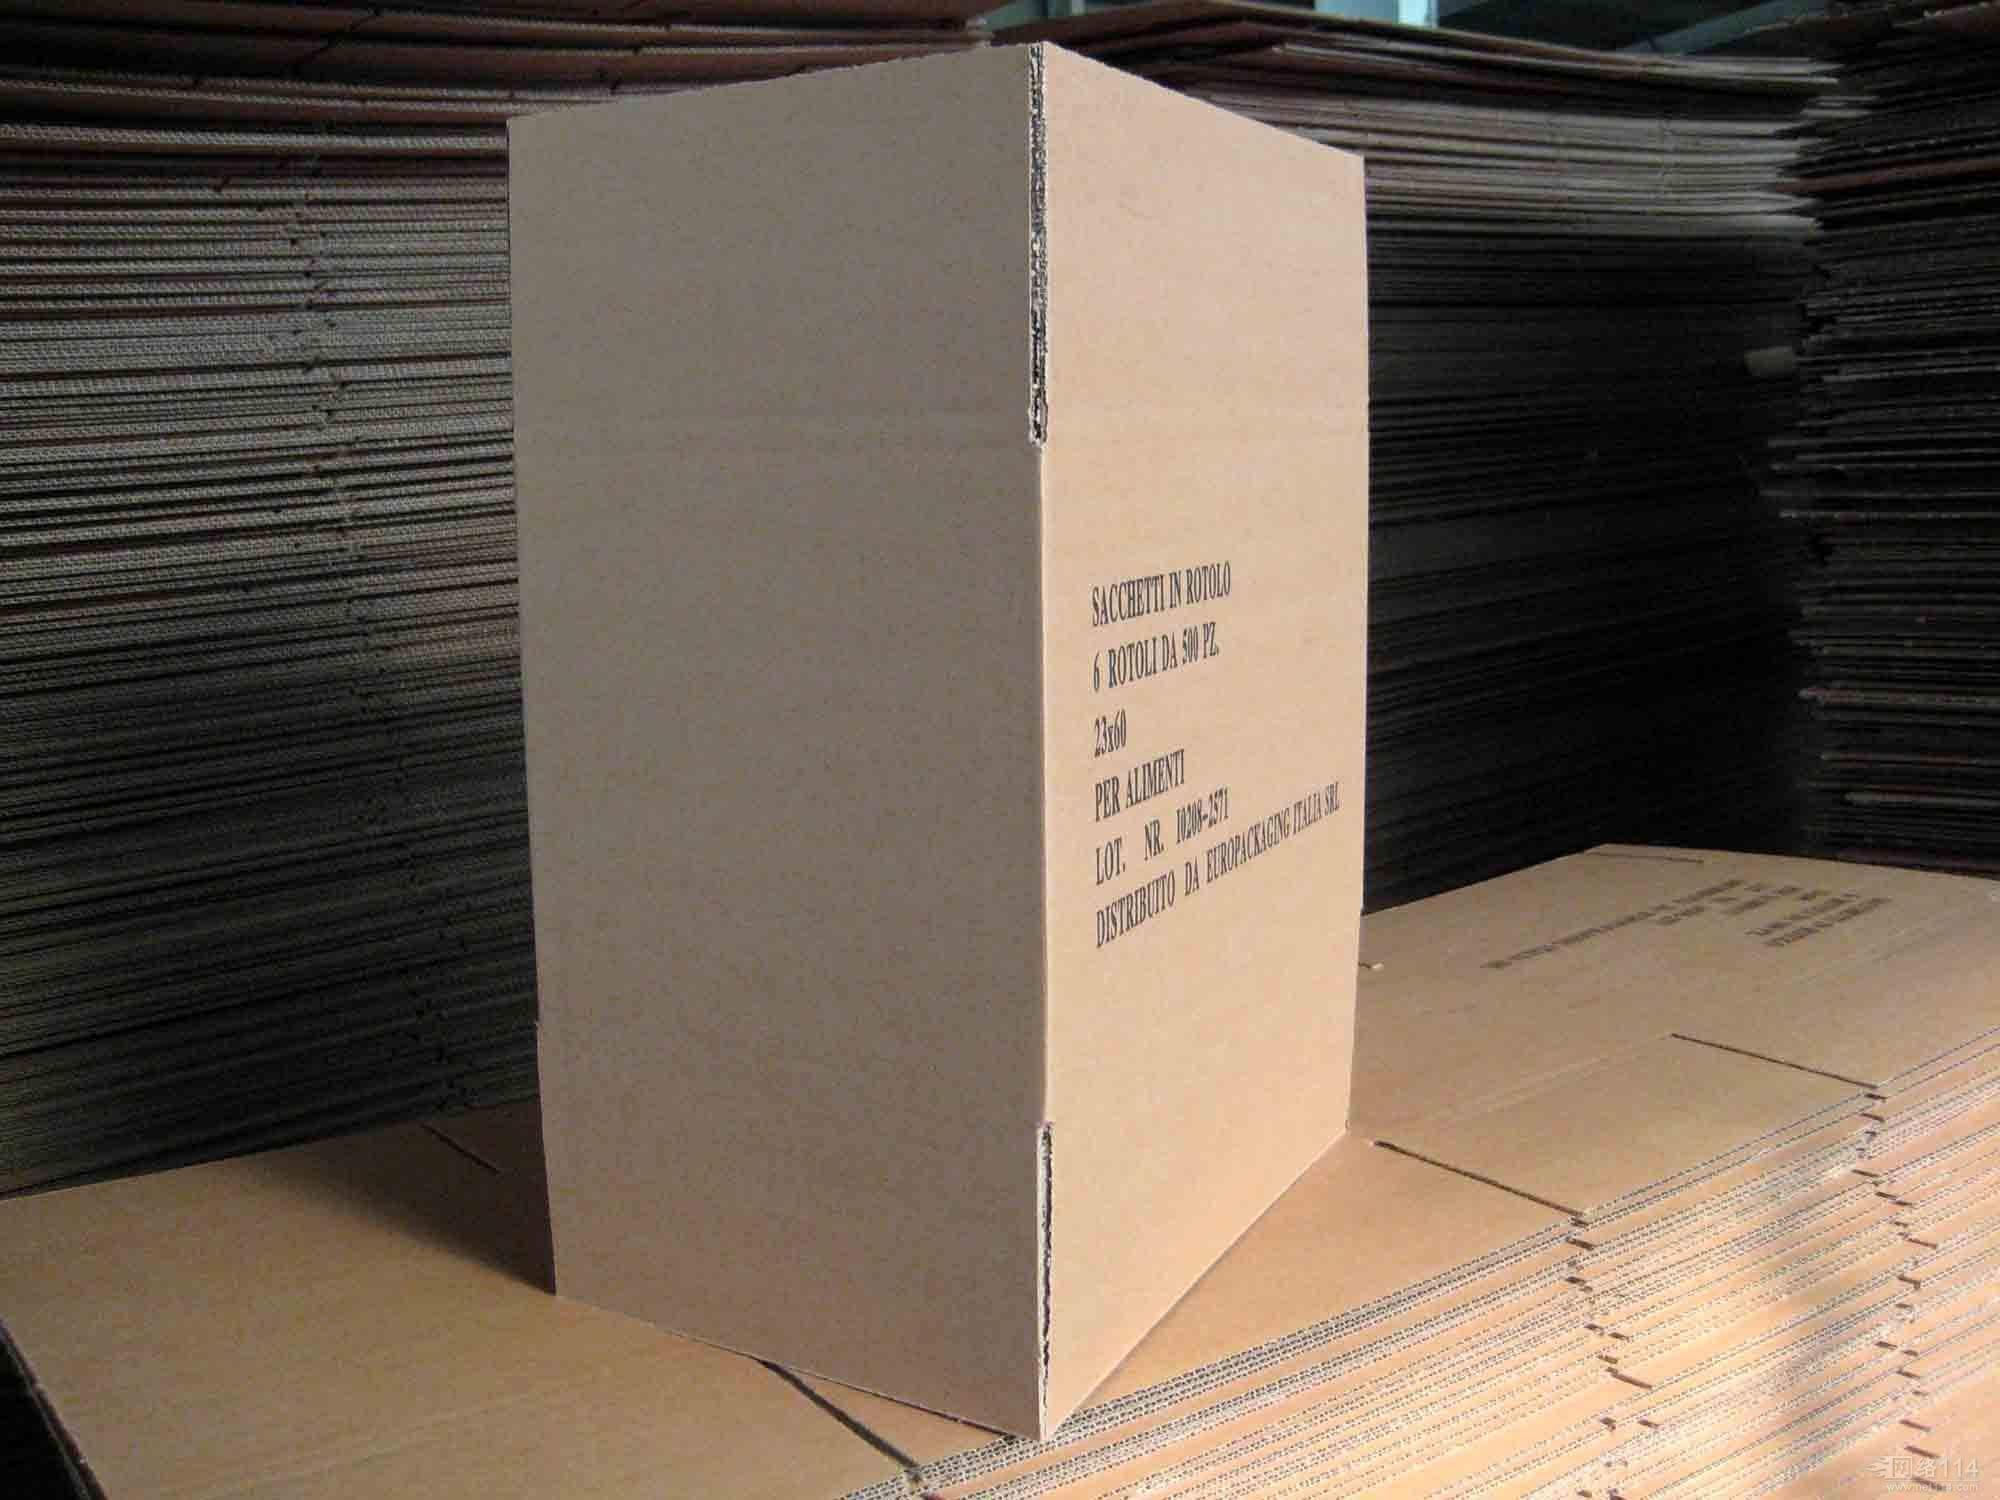 印刷时两种重叠处颜色太浓?成都快递纸箱告诉你原因及措施